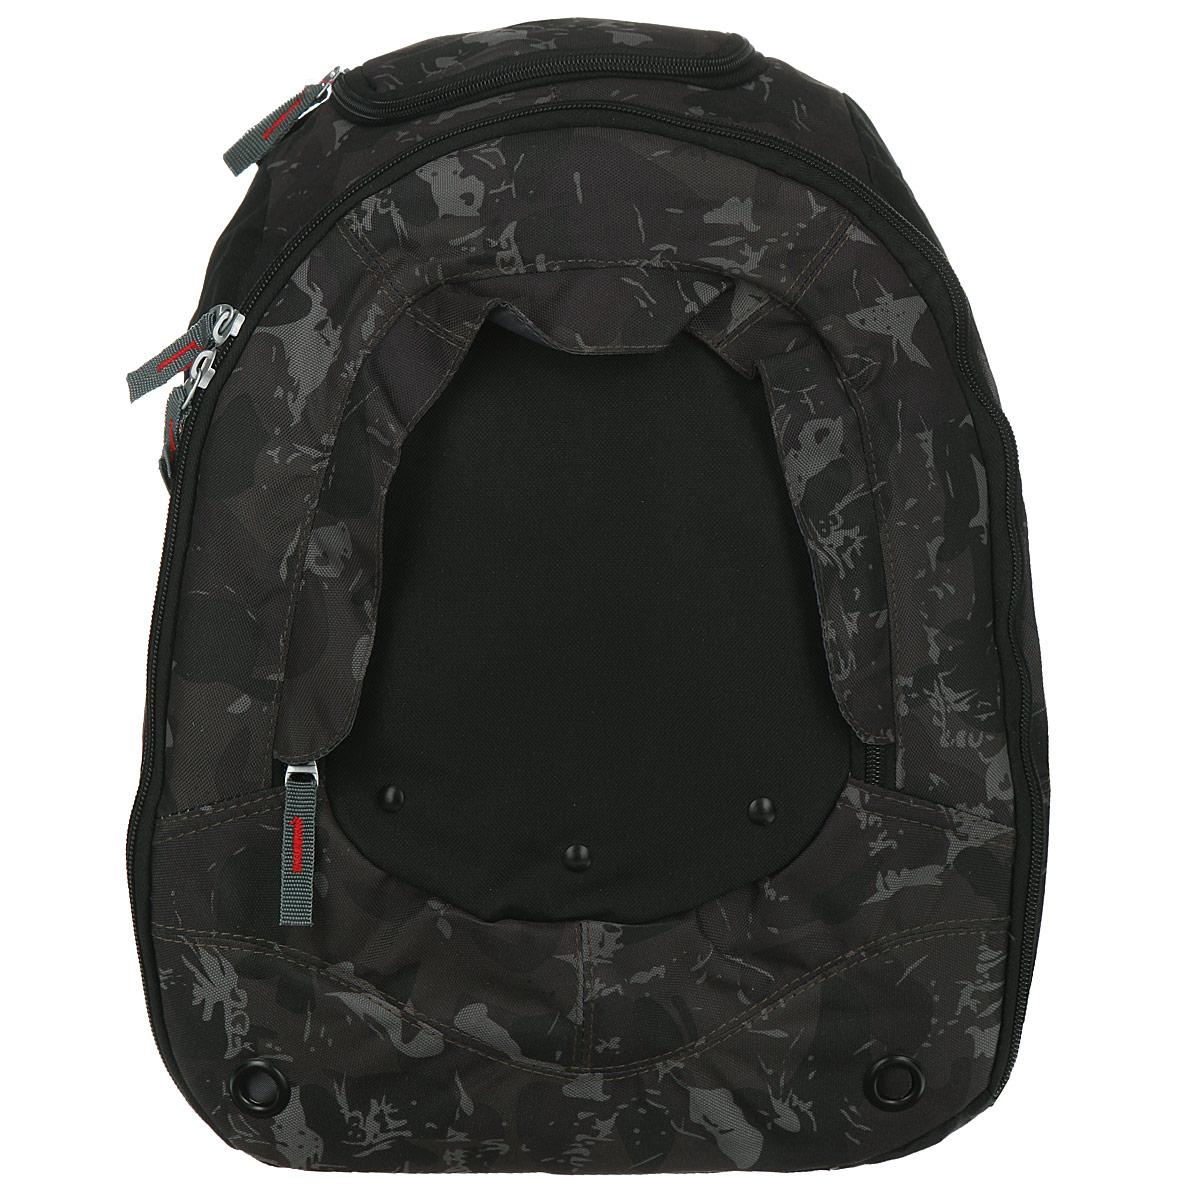 Рюкзак школьный Action, цвет: черный, хаки. AB1102372523WDШкольный рюкзак Action - это красивый и удобный рюкзак, который подойдет всем, кто хочет разнообразить свои школьные будни. Рюкзак выполнен из прочного материала в стиле милитари. Рюкзак оснащен одним вместительным отделением, застегивающимся на застежку-молнию. Основное отделение содержит два накладных кармана. На внешней стороне расположен карман на застежке-молнии. Сверху рюкзака имеется небольшой карман, который отлично подойдет для разных мелочей.Рюкзак имеет мягкую спинку и оснащен мягкими плечевыми лямками с возможностью регулирования.